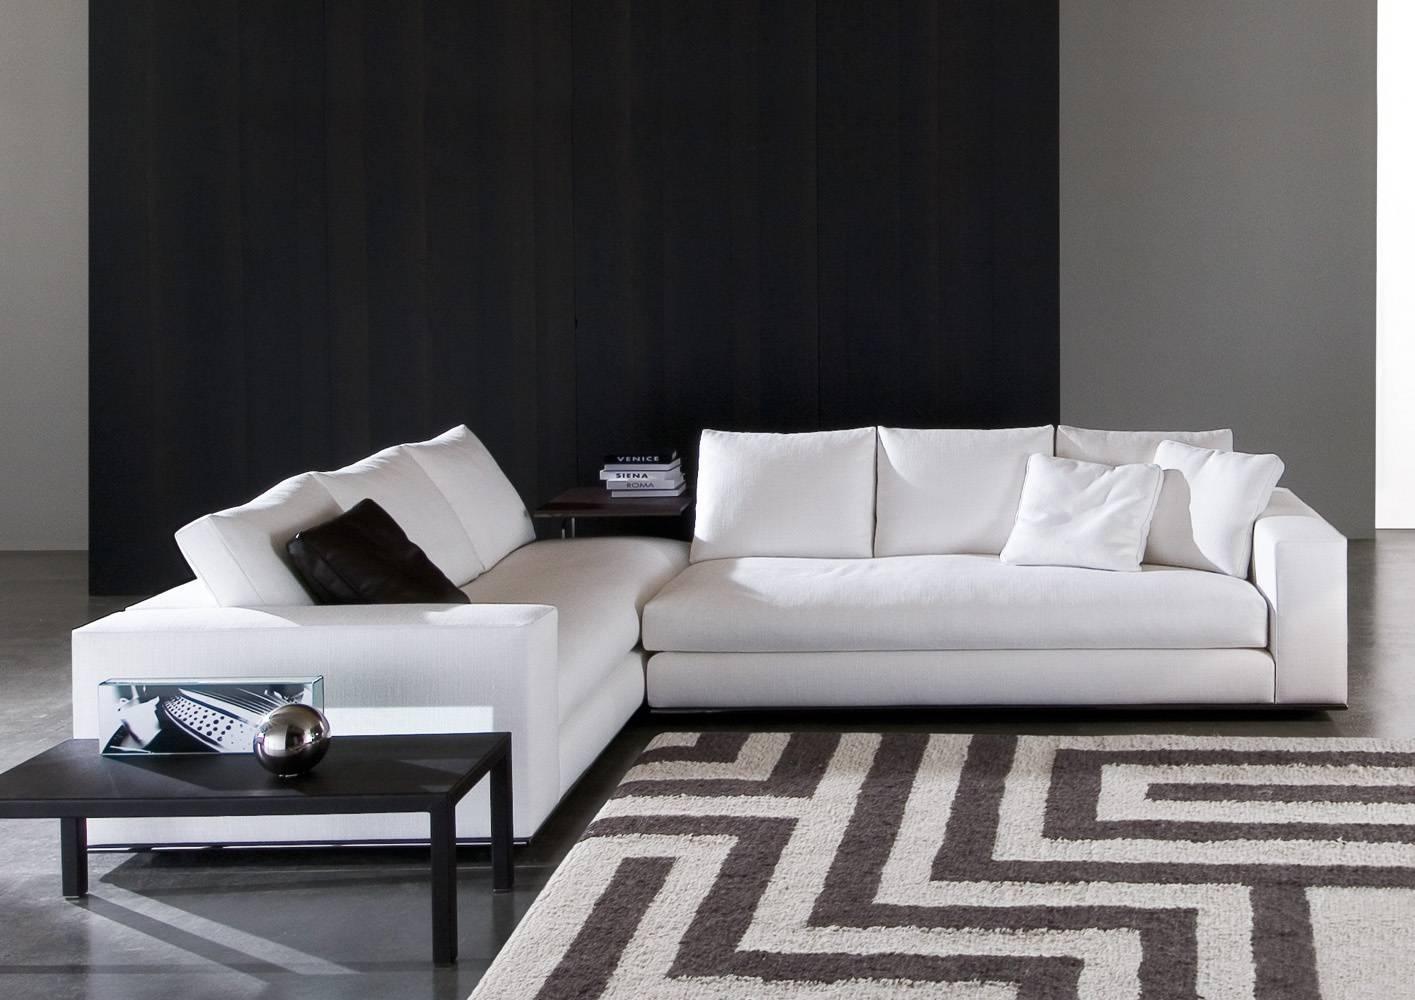 Modular Sofa Hamilton Sofa, Minotti - Luxury Furniture Mr with regard to Hamilton Sofas (Image 13 of 15)